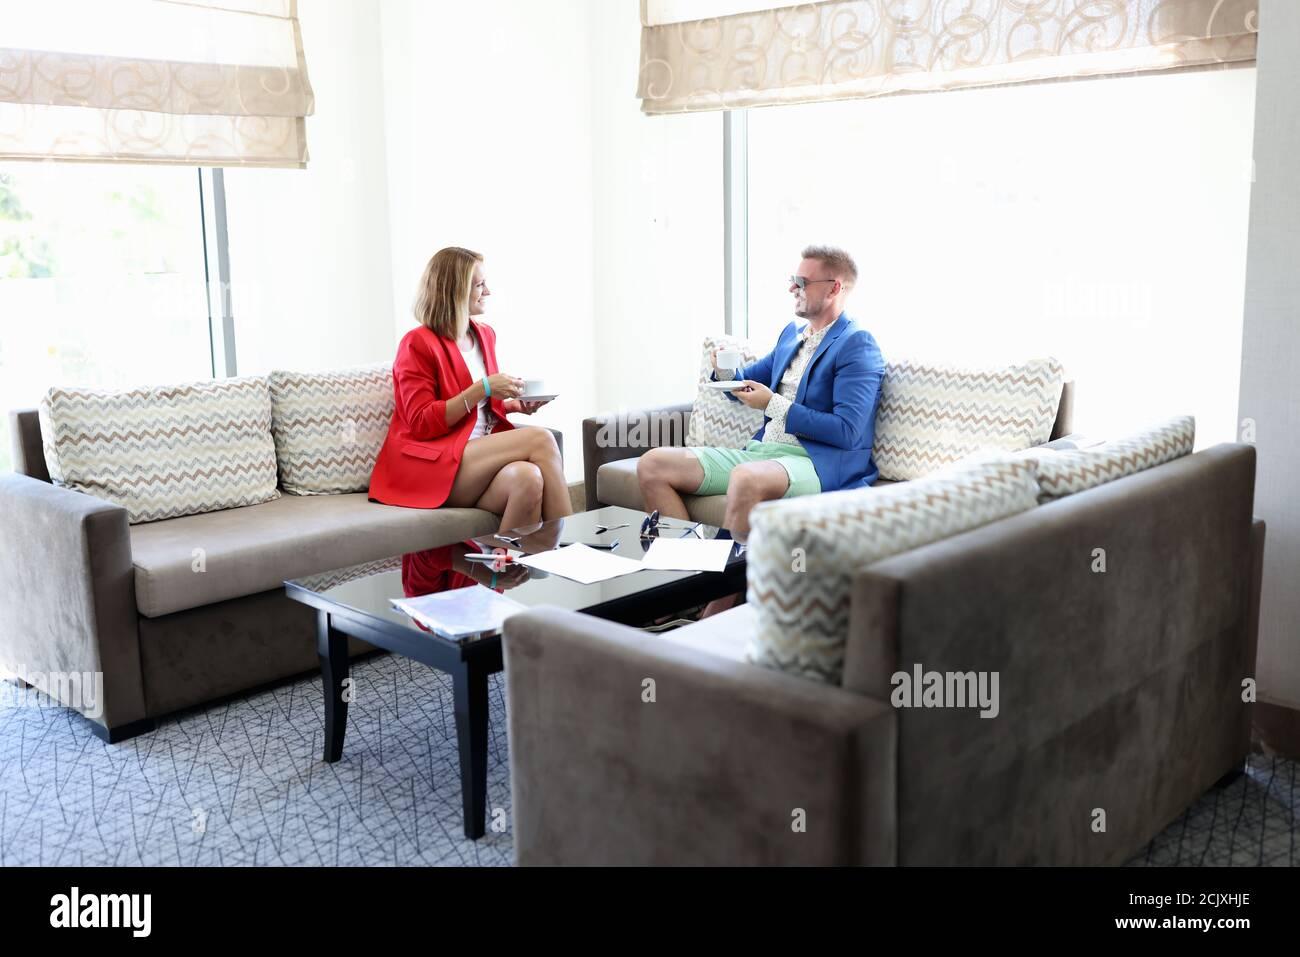 Junge Mann und Frau in modischer Kleidung mit Tassen Tee im Hotelzimmer Stockfoto